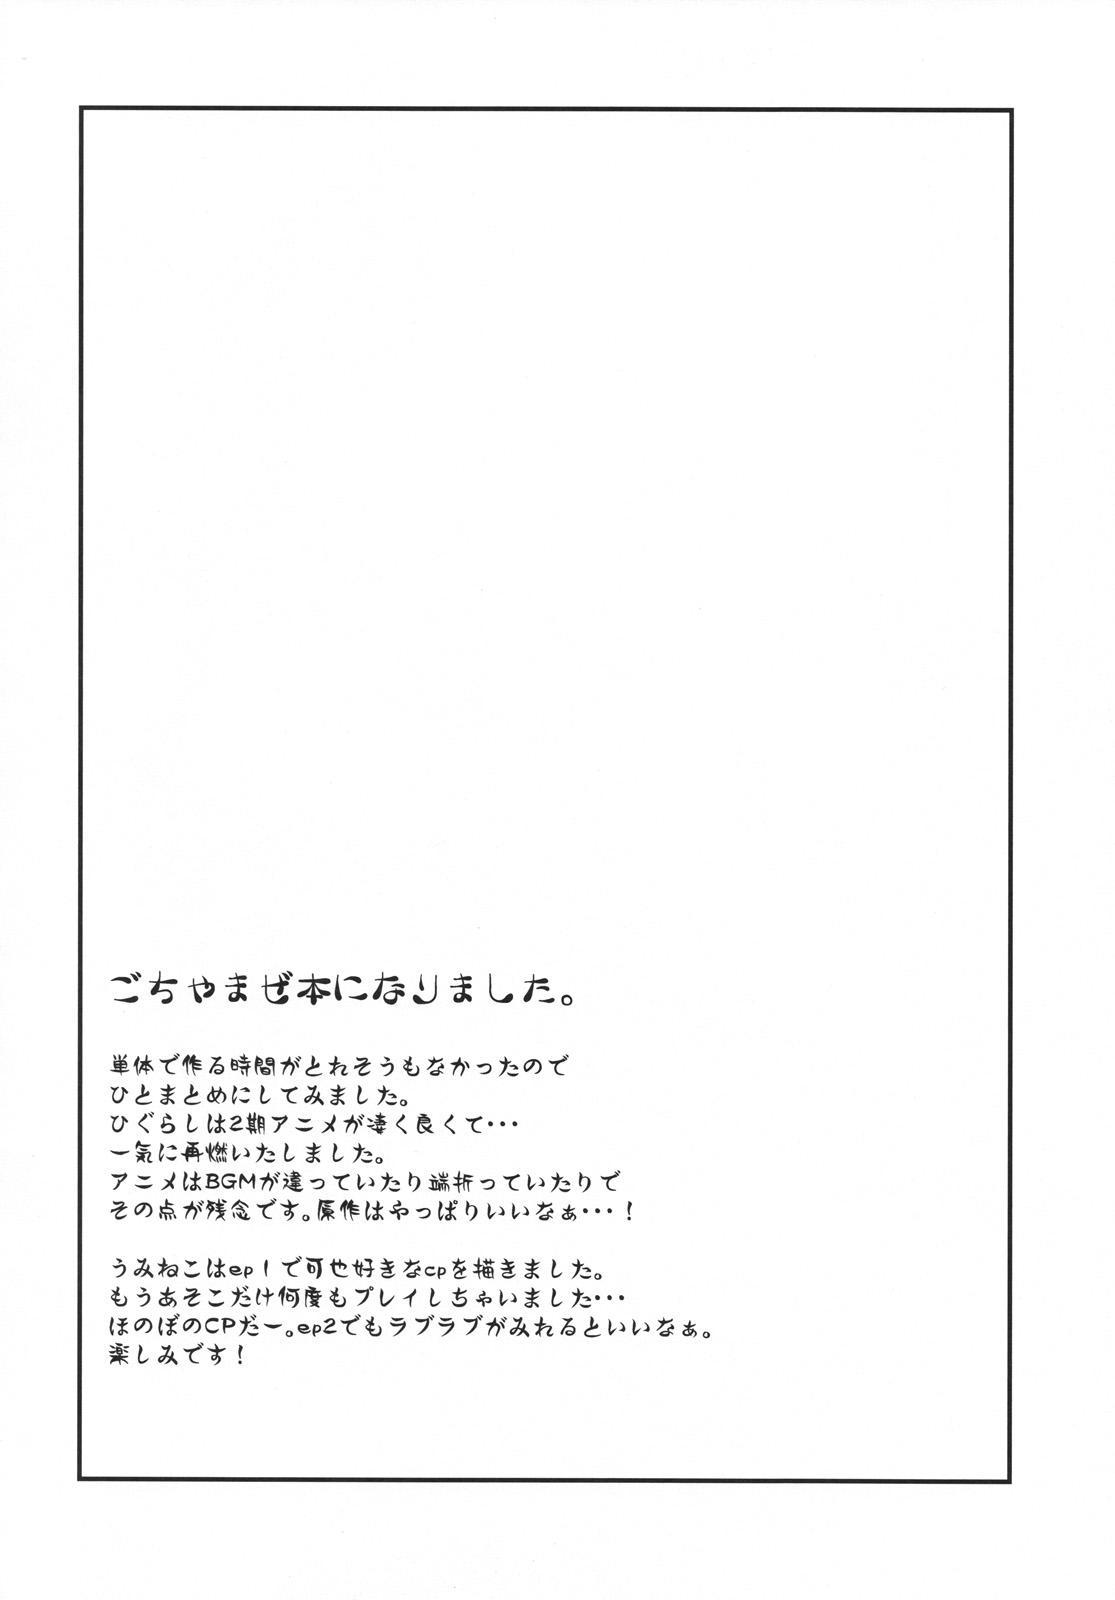 Umineko sono higurashi 2